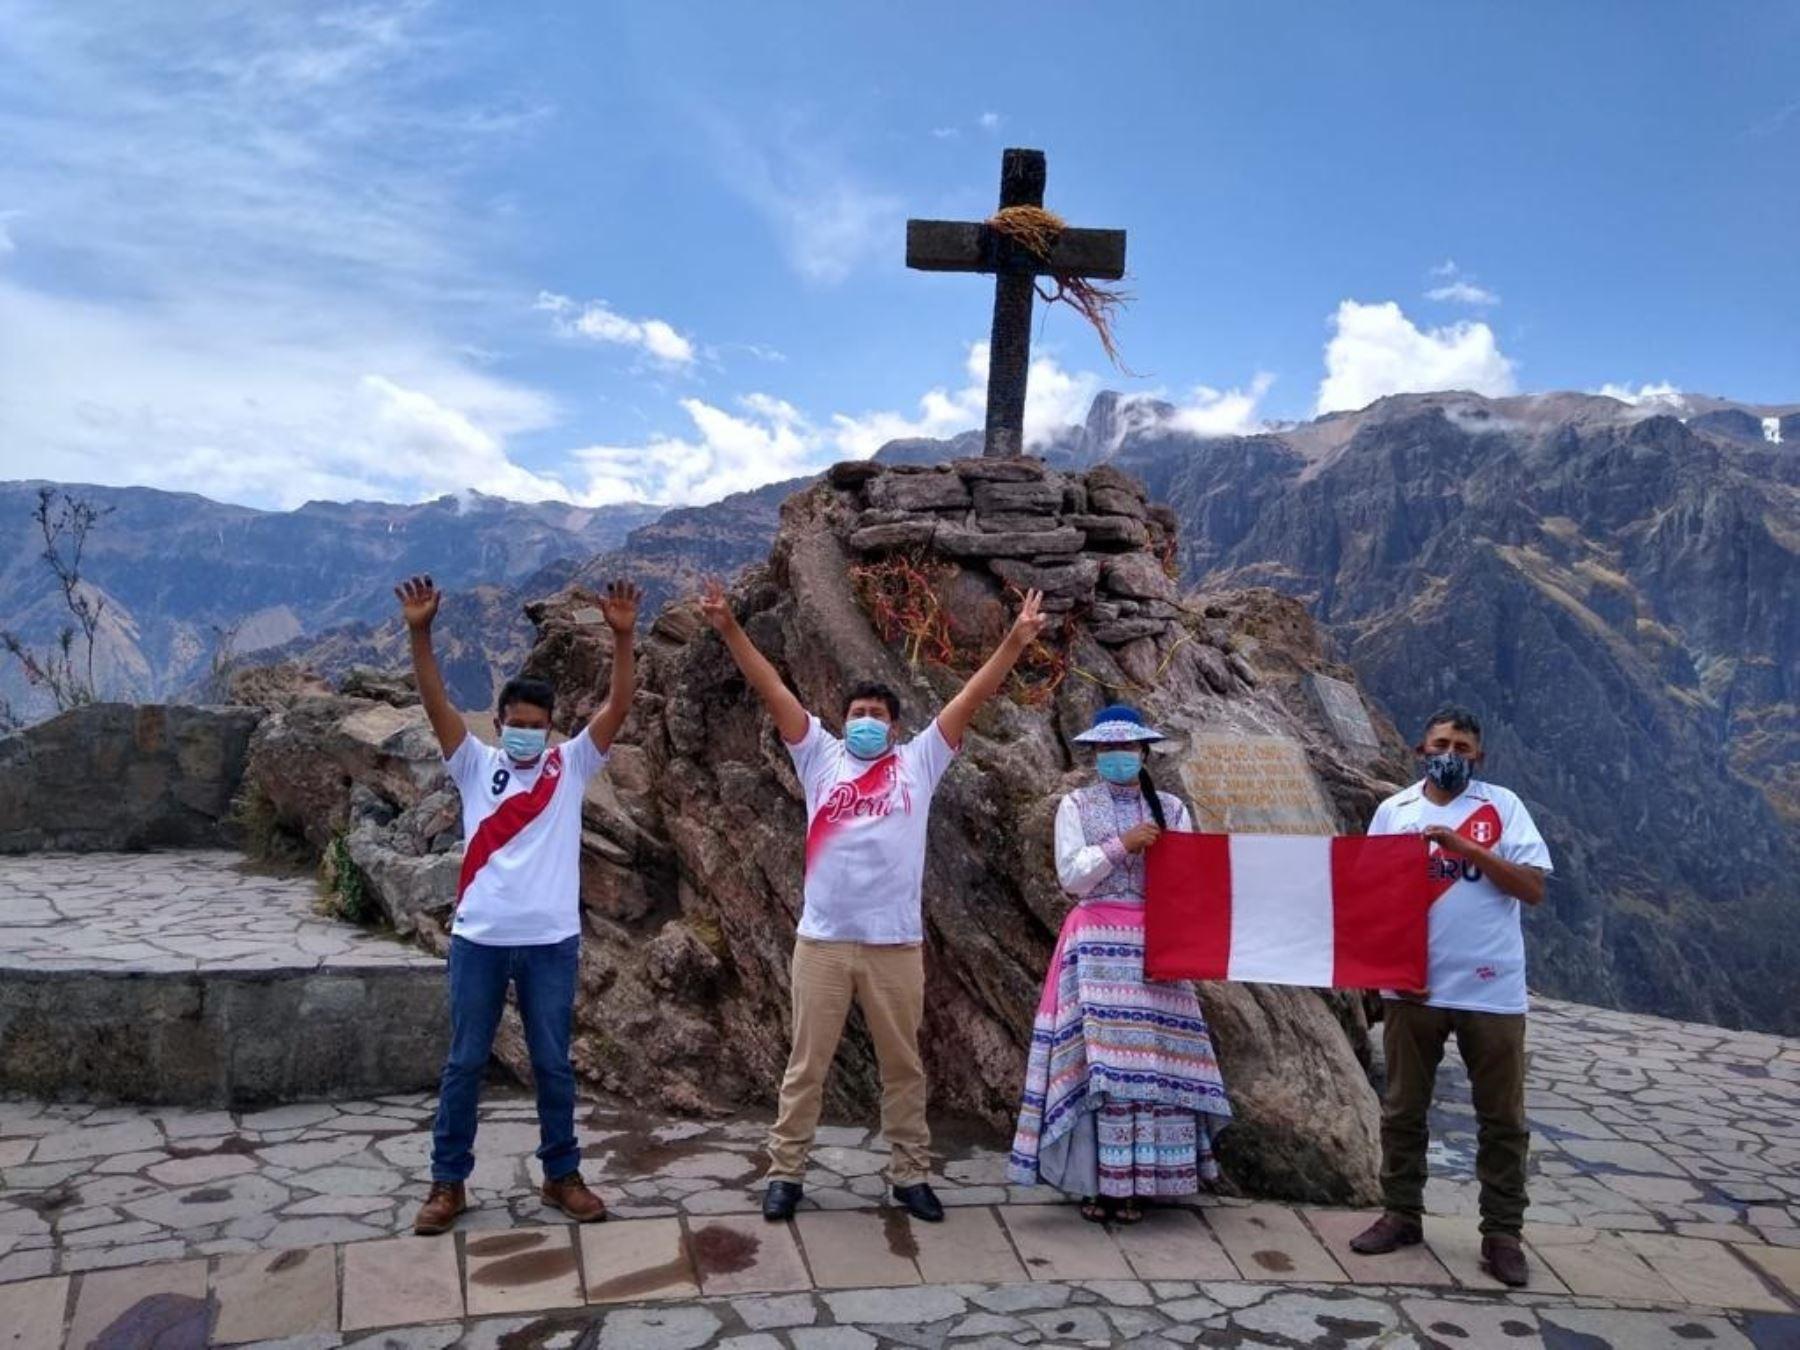 El valle del Colca, el principal atractivo turístico de la región Arequipa, está ubicado en la provincia de Caylloma. Foto: ANDINA/Difusión